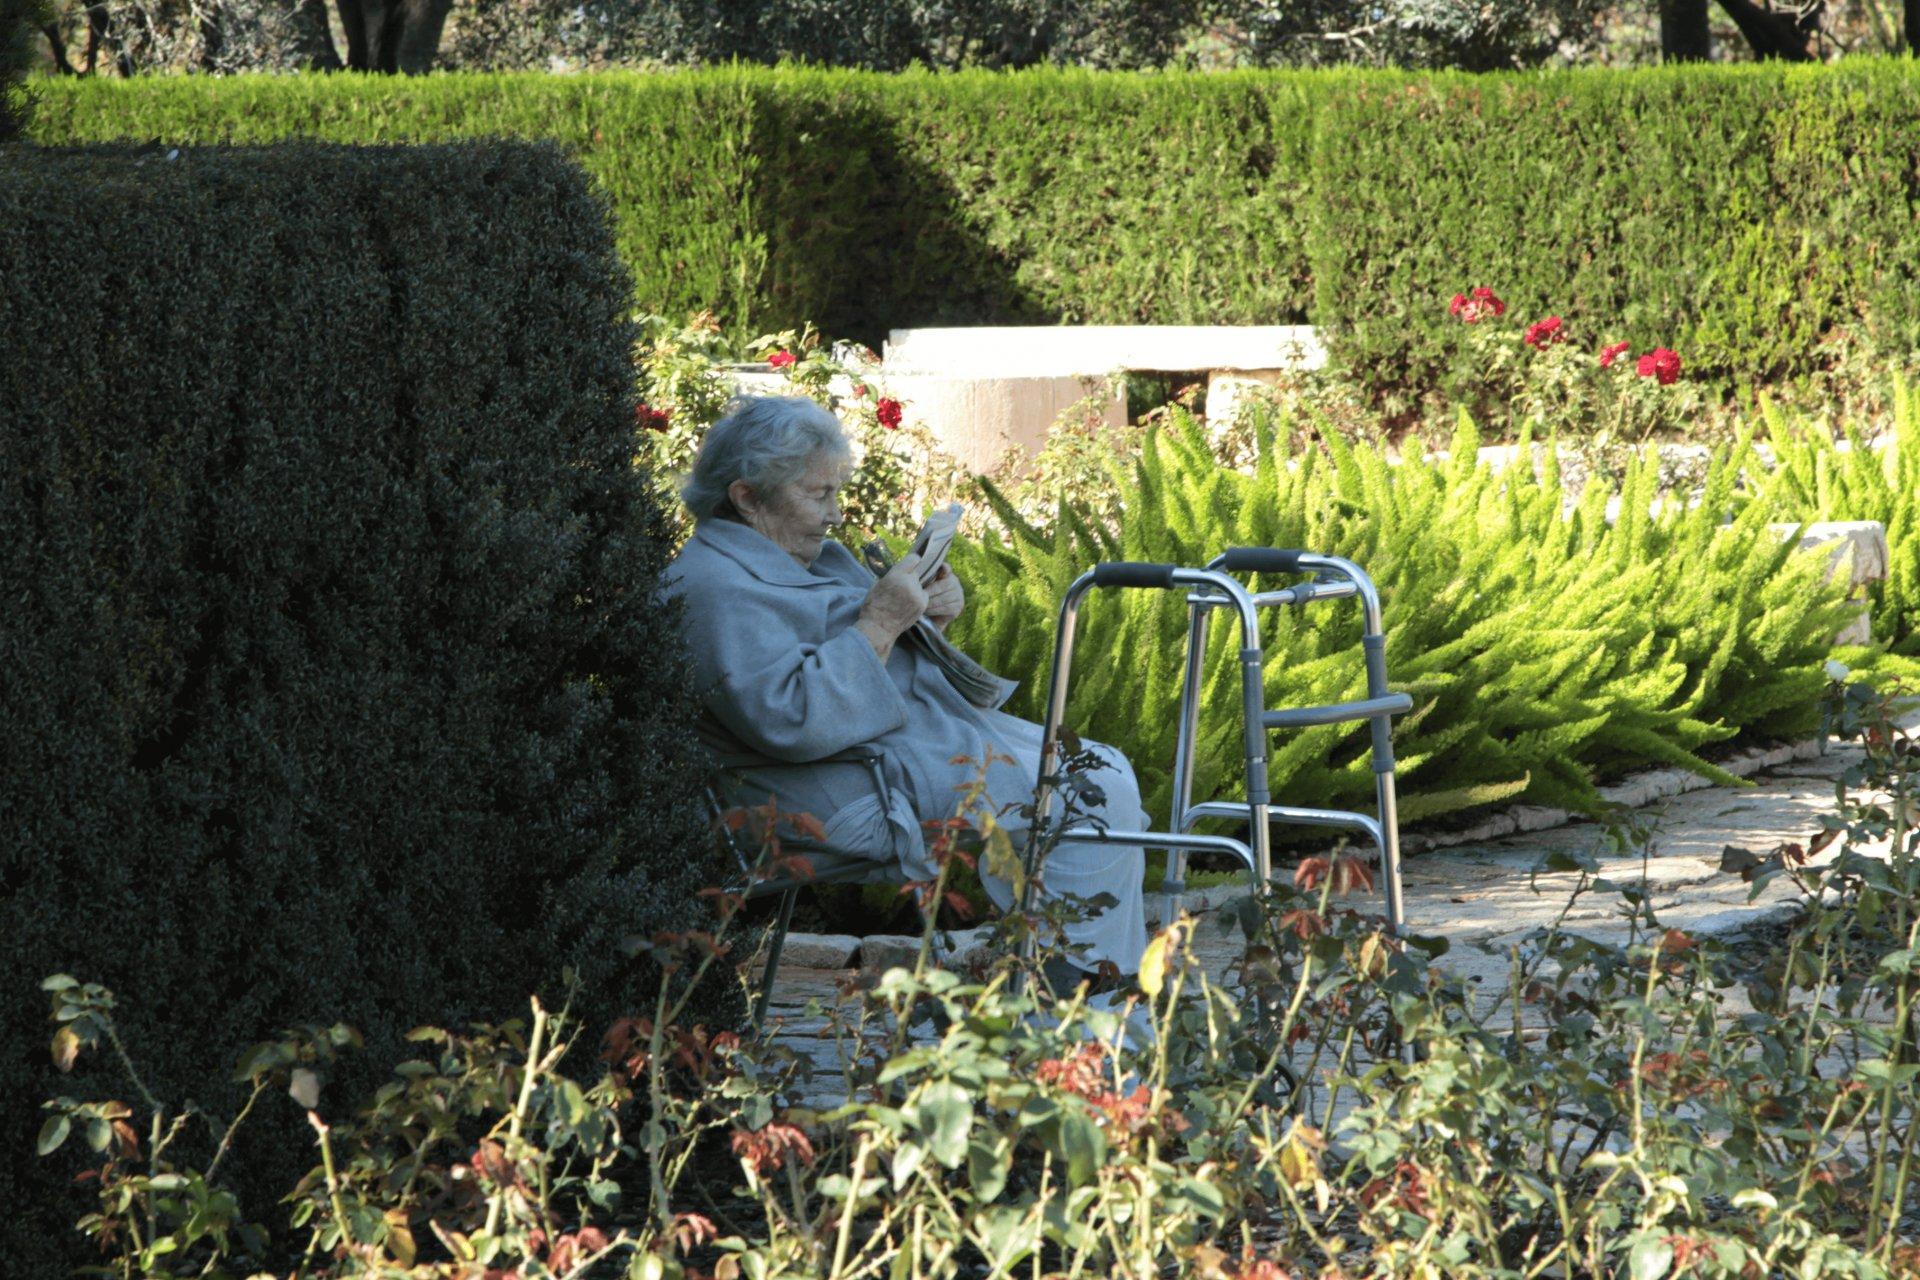 מבוגרת עם קביים בגן